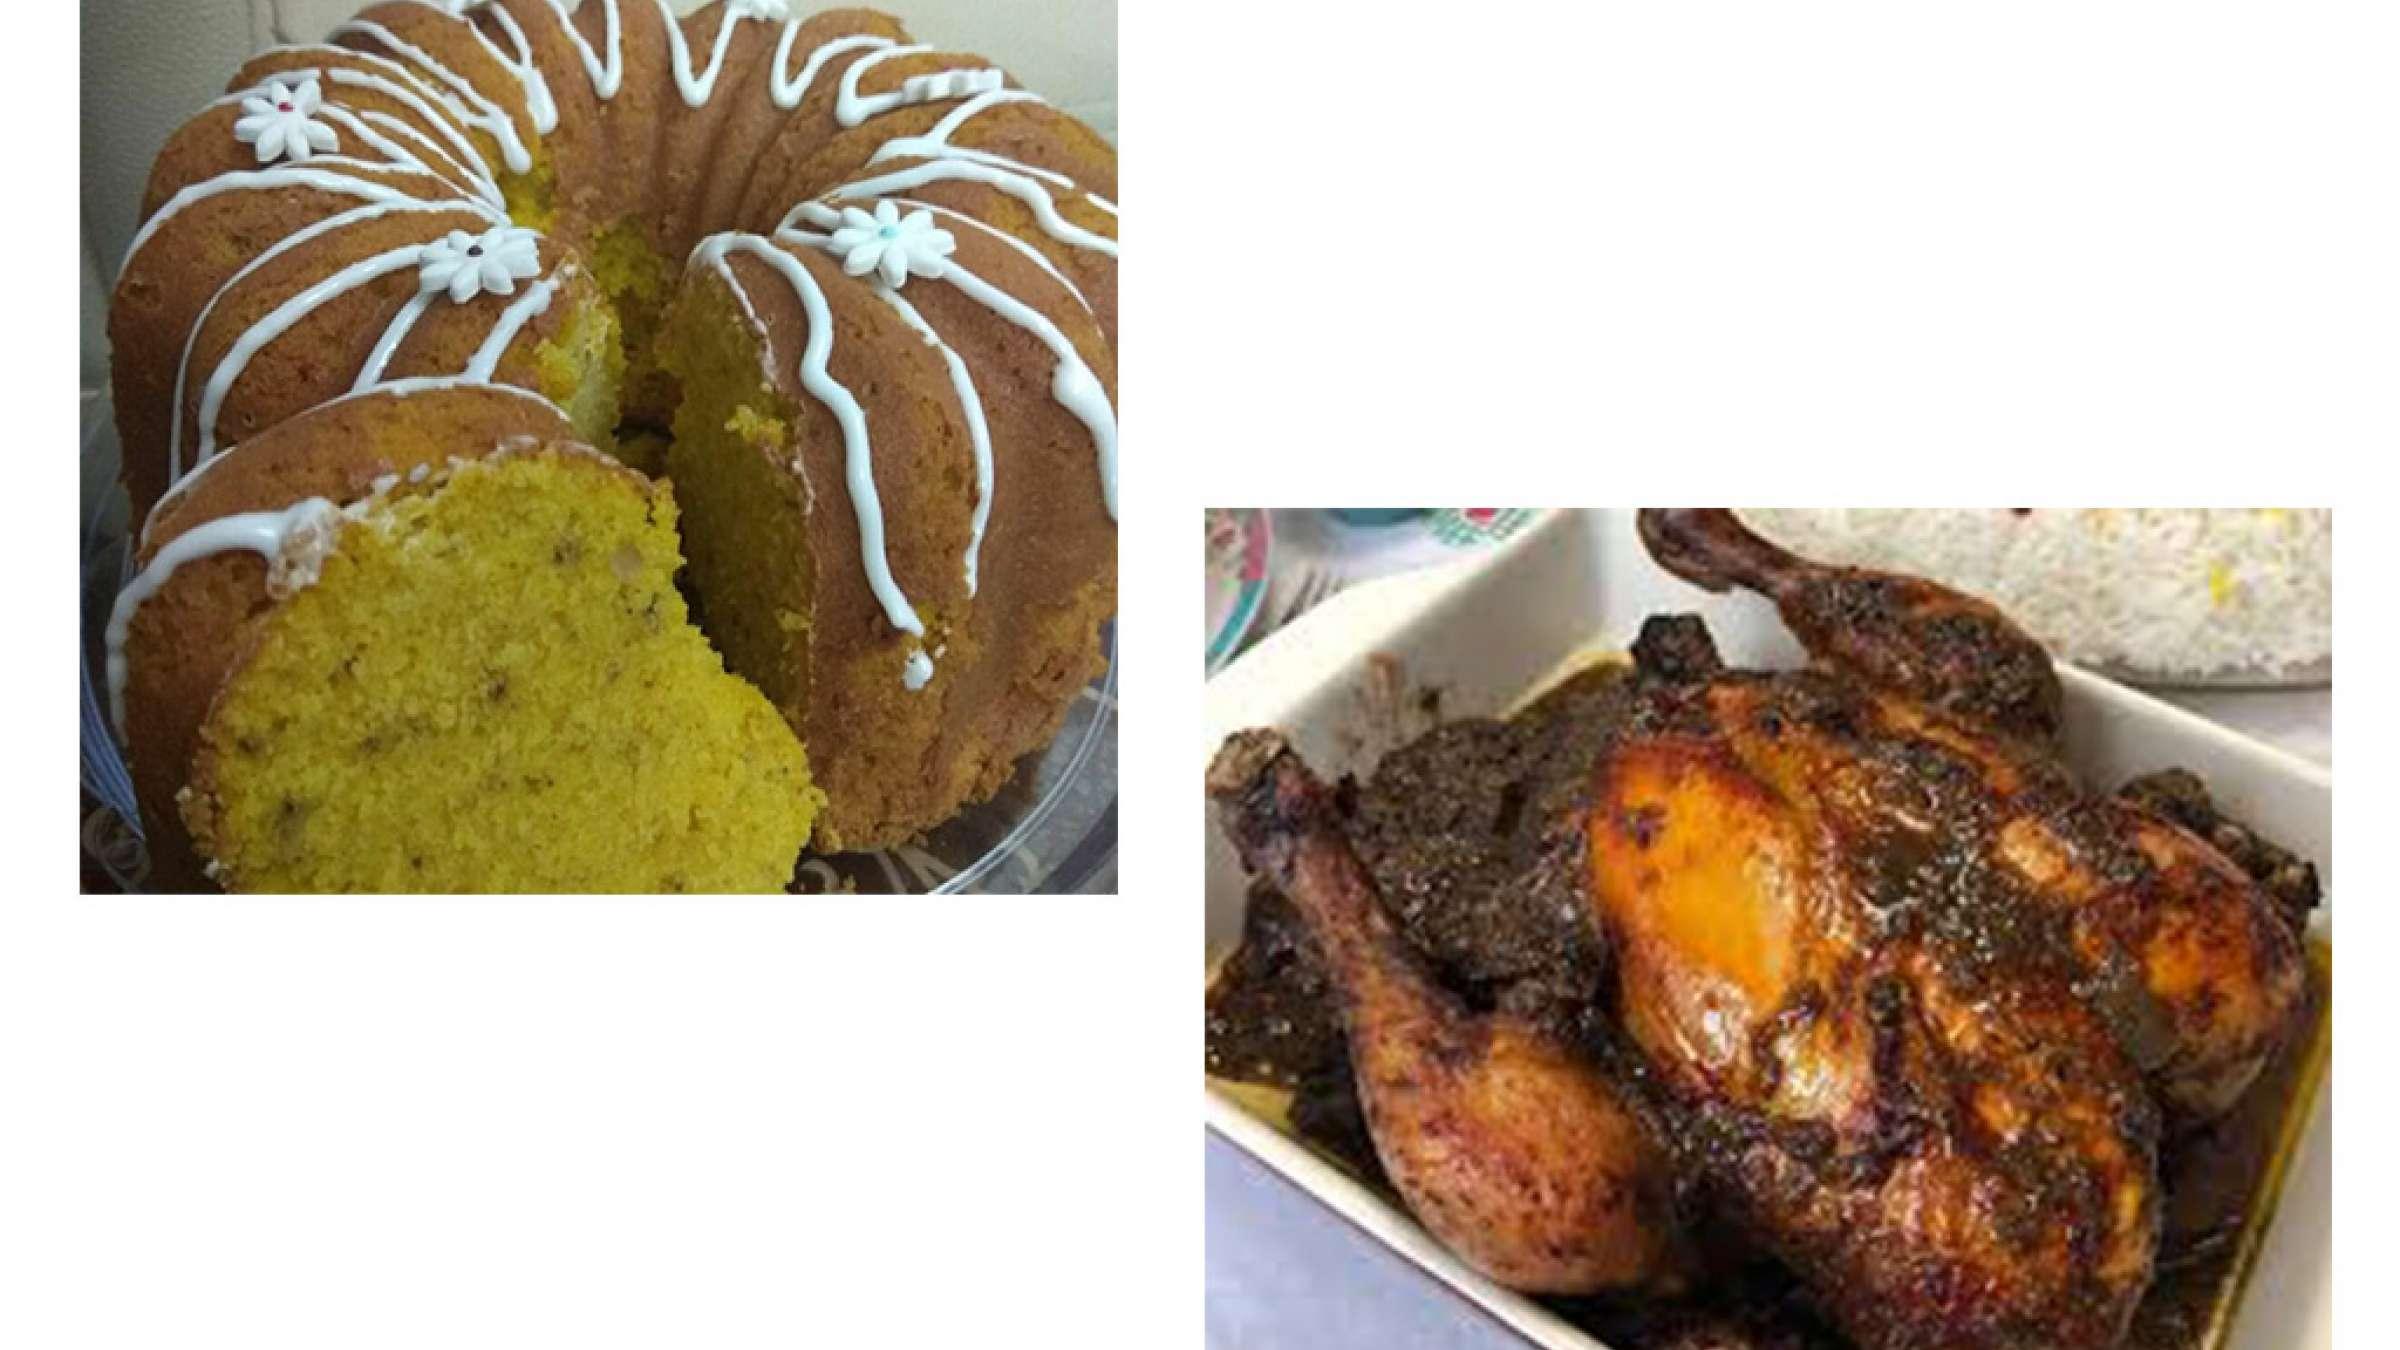 آشپزی-ترابی-كيک-كدو-حلوايی-لونگی-مرغ